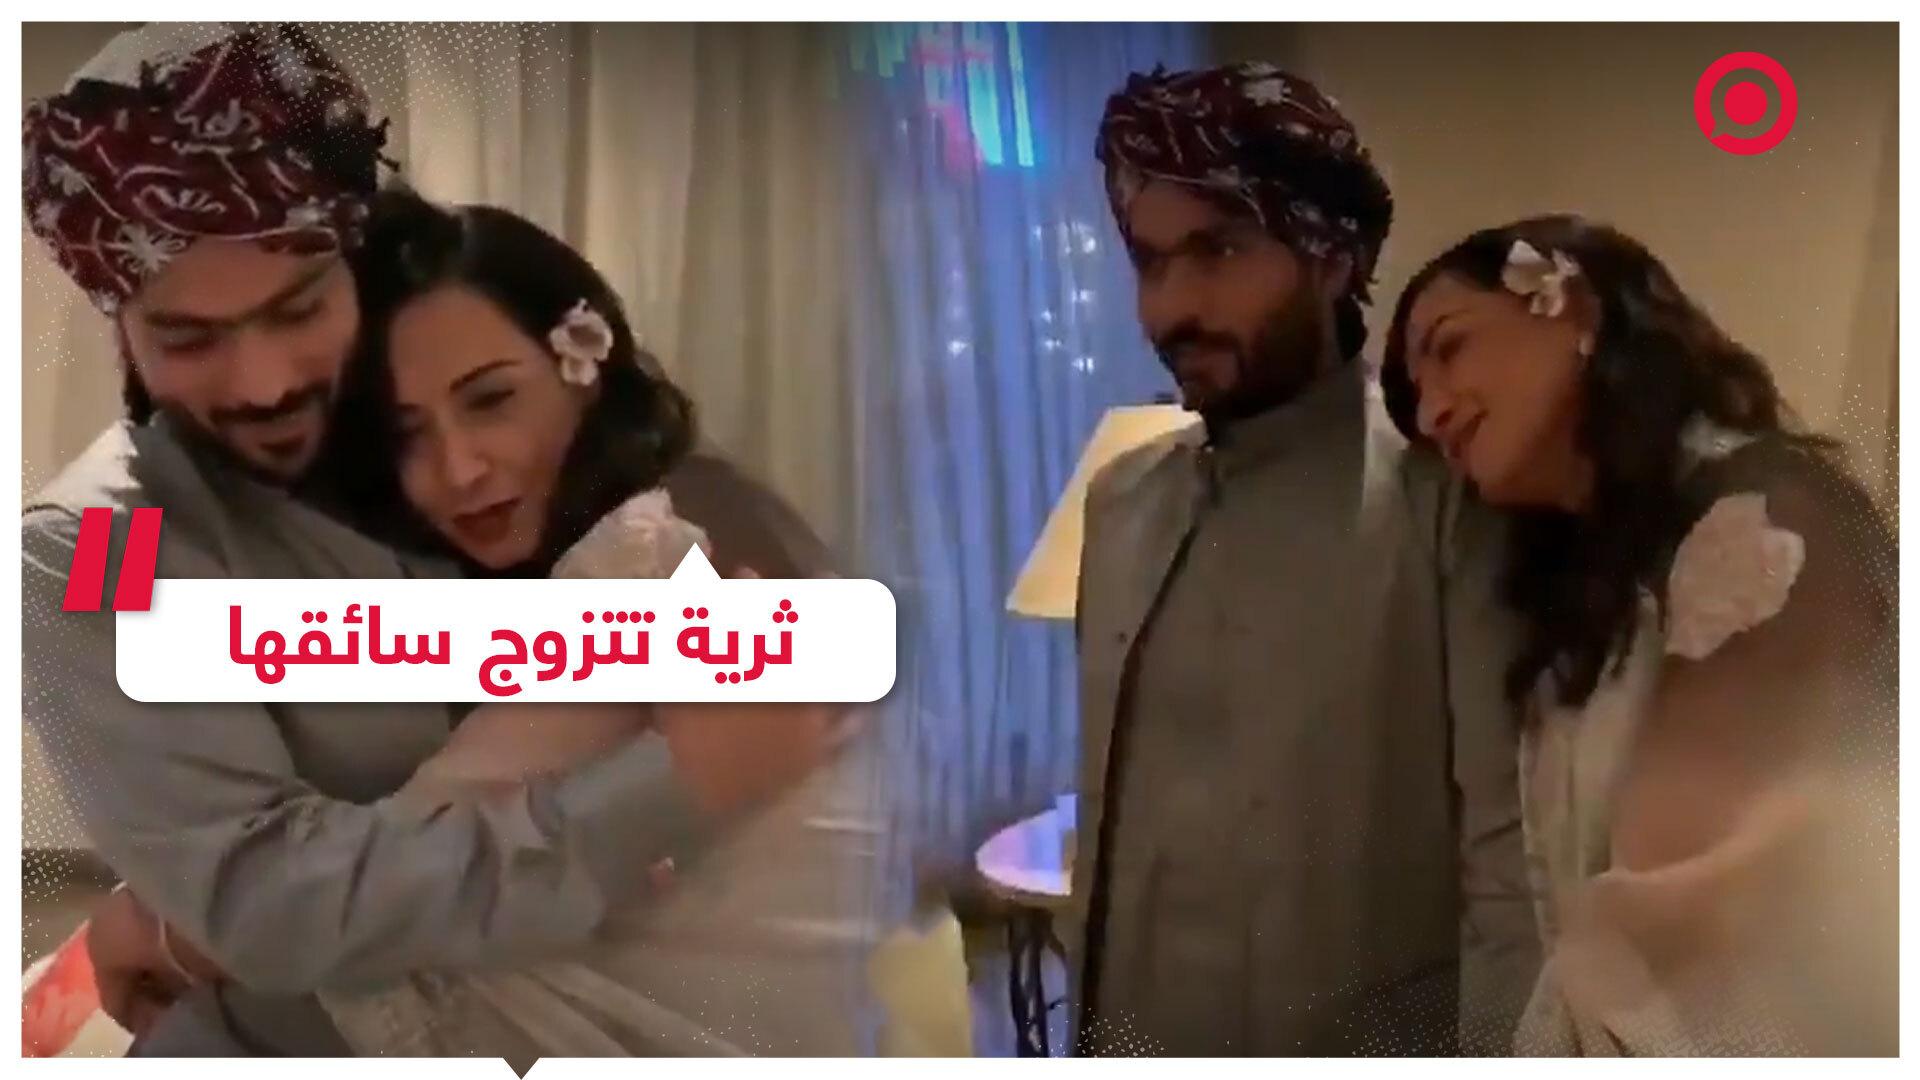 سيدة أعمال سعودية تتزوج من سائقها الباكستاني